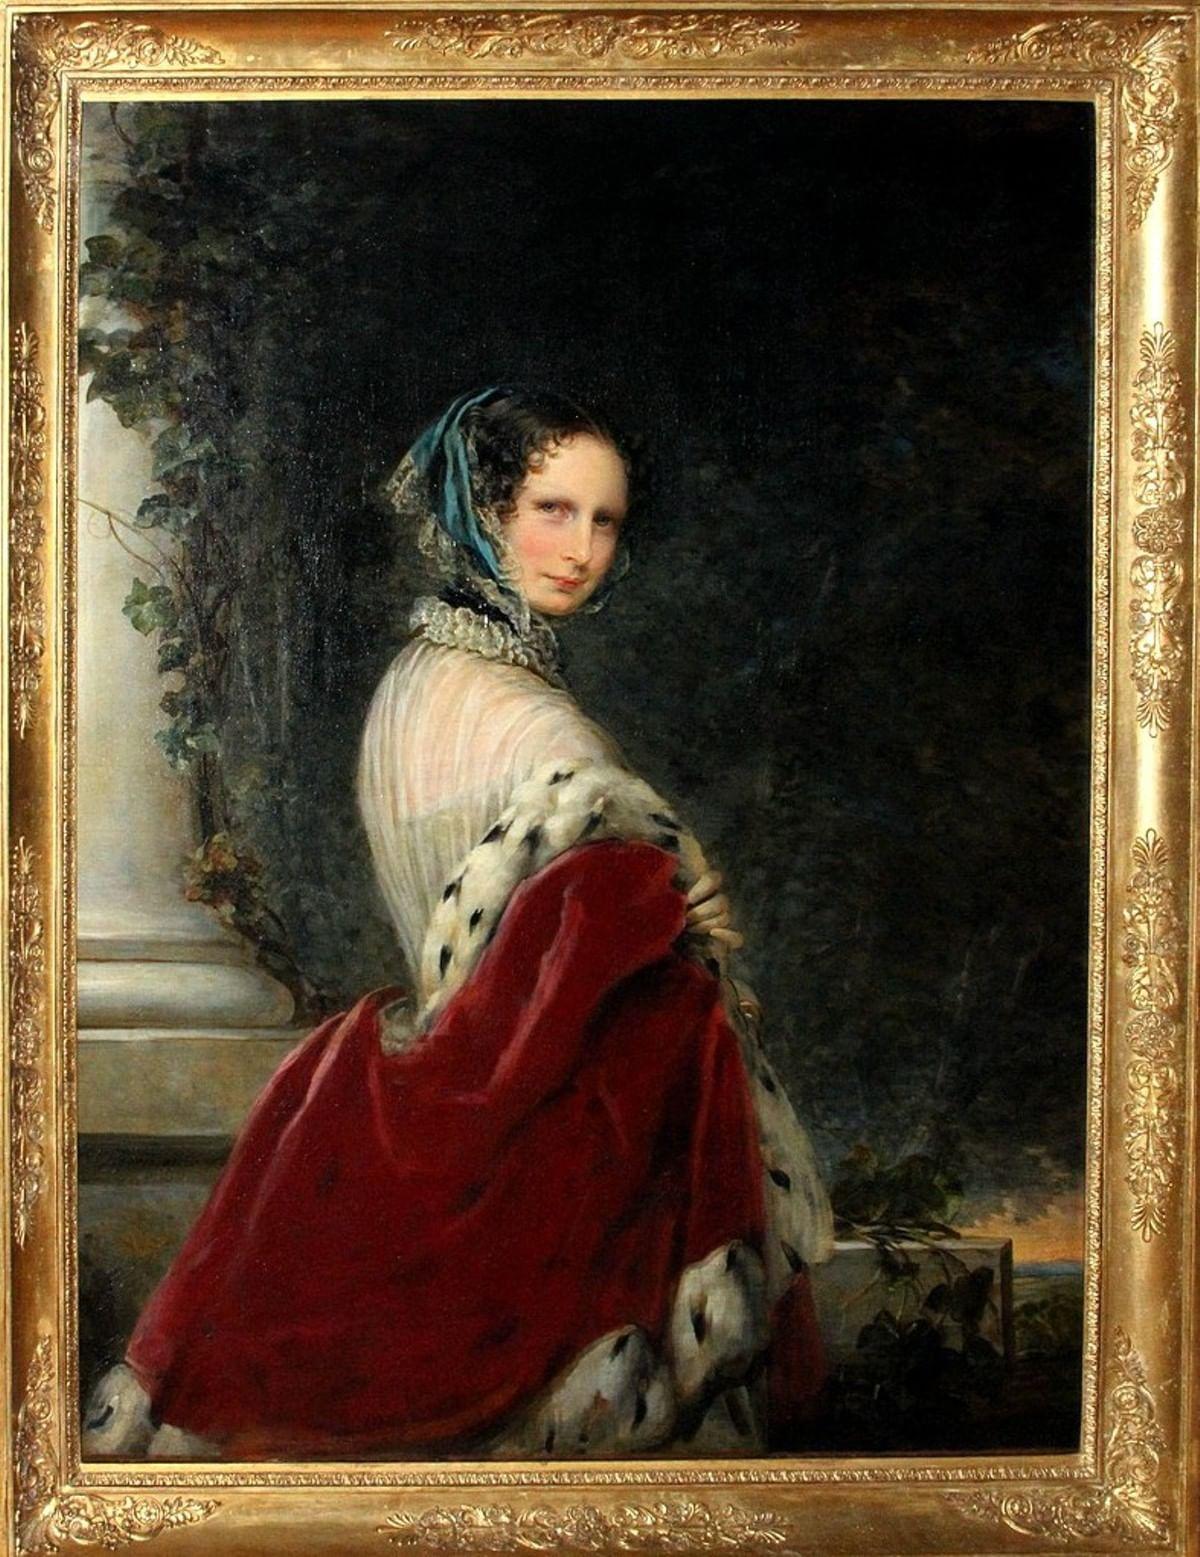 28 уникальных картин из частного собрания представят в музее имени Пушкина. Галерея1